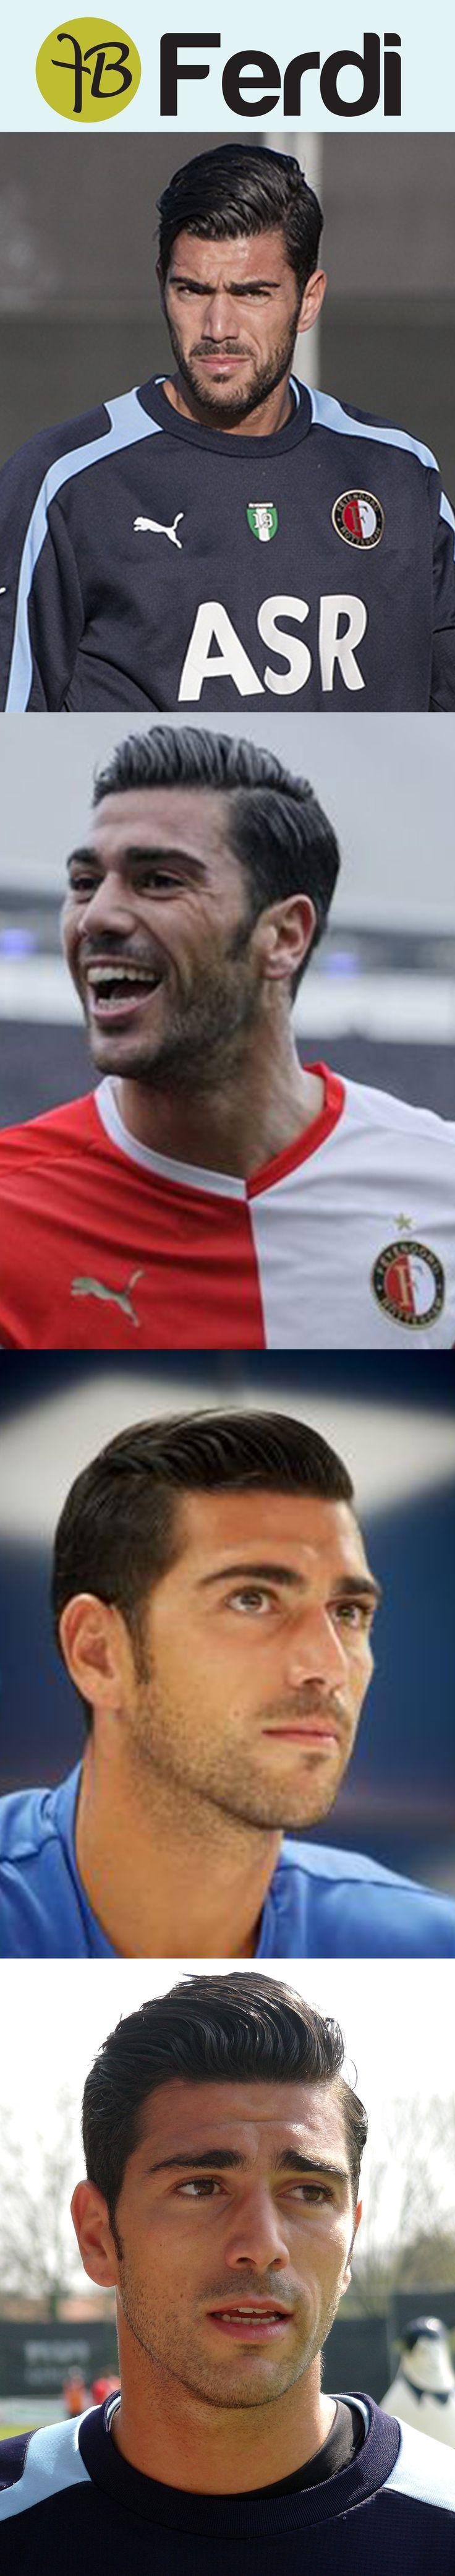 Een strakke zijscheiding en een korte coupe. Feyenoordspeler Graziano Pellè zorgt met zijn hippe kapsel voor een echte haartrend. Steeds meer jongens nemen het Pellè-kapsel. Het kapsel van Pellè is zo populair dat veel jongens speciaal naar zijn kapper in Rotterdam gaan.